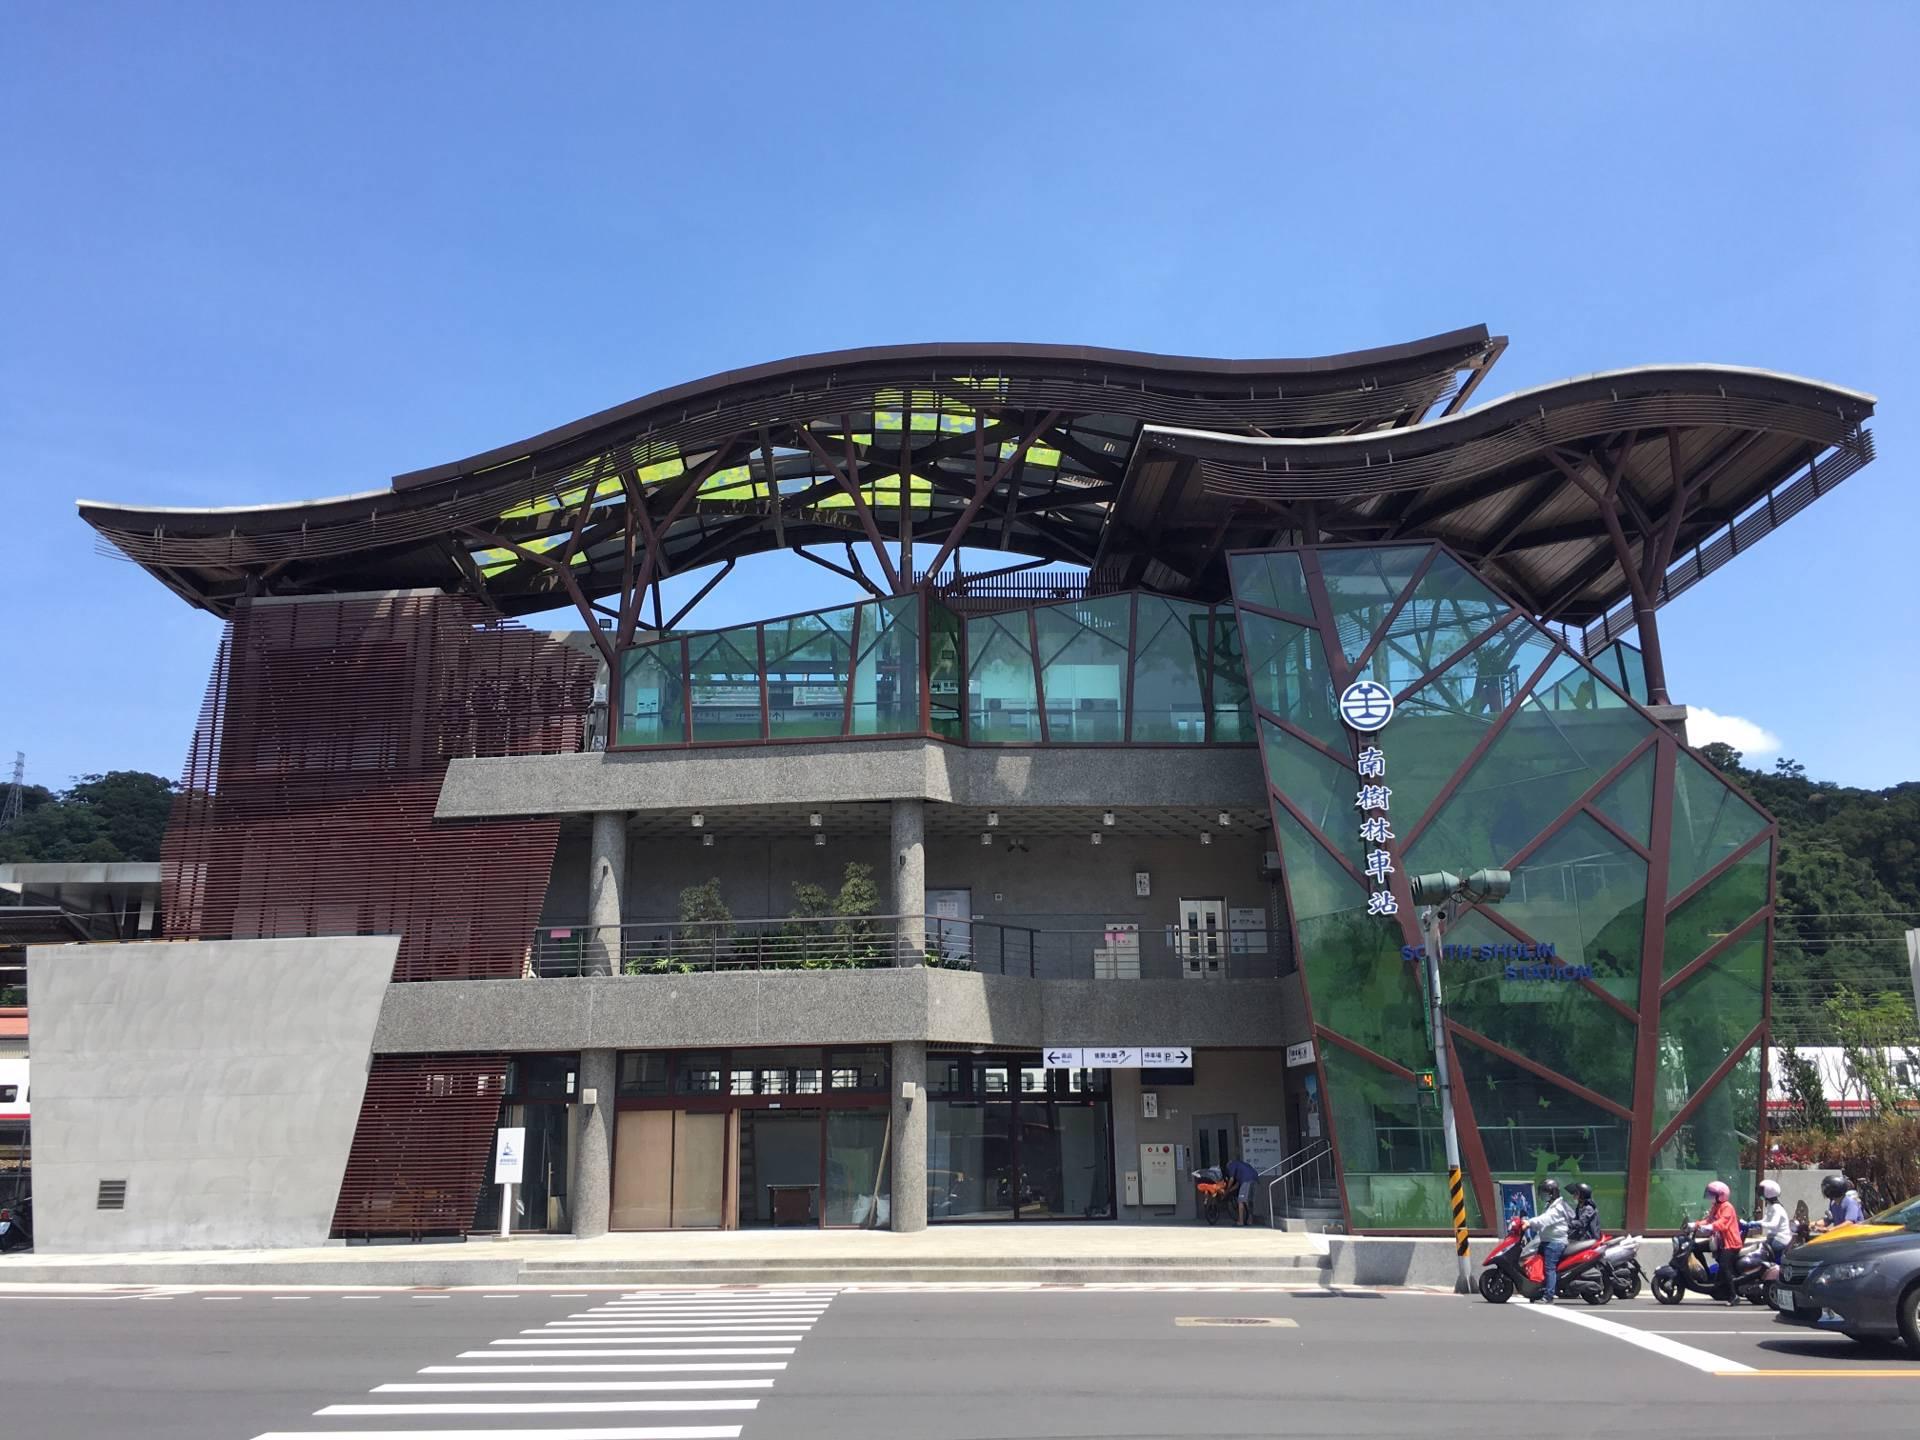 南樹林車站充滿樹林意象,綠色玻璃帷幕嵌入樹木造型鋼骨,顯得活潑生動。圖/新北市觀光旅遊網